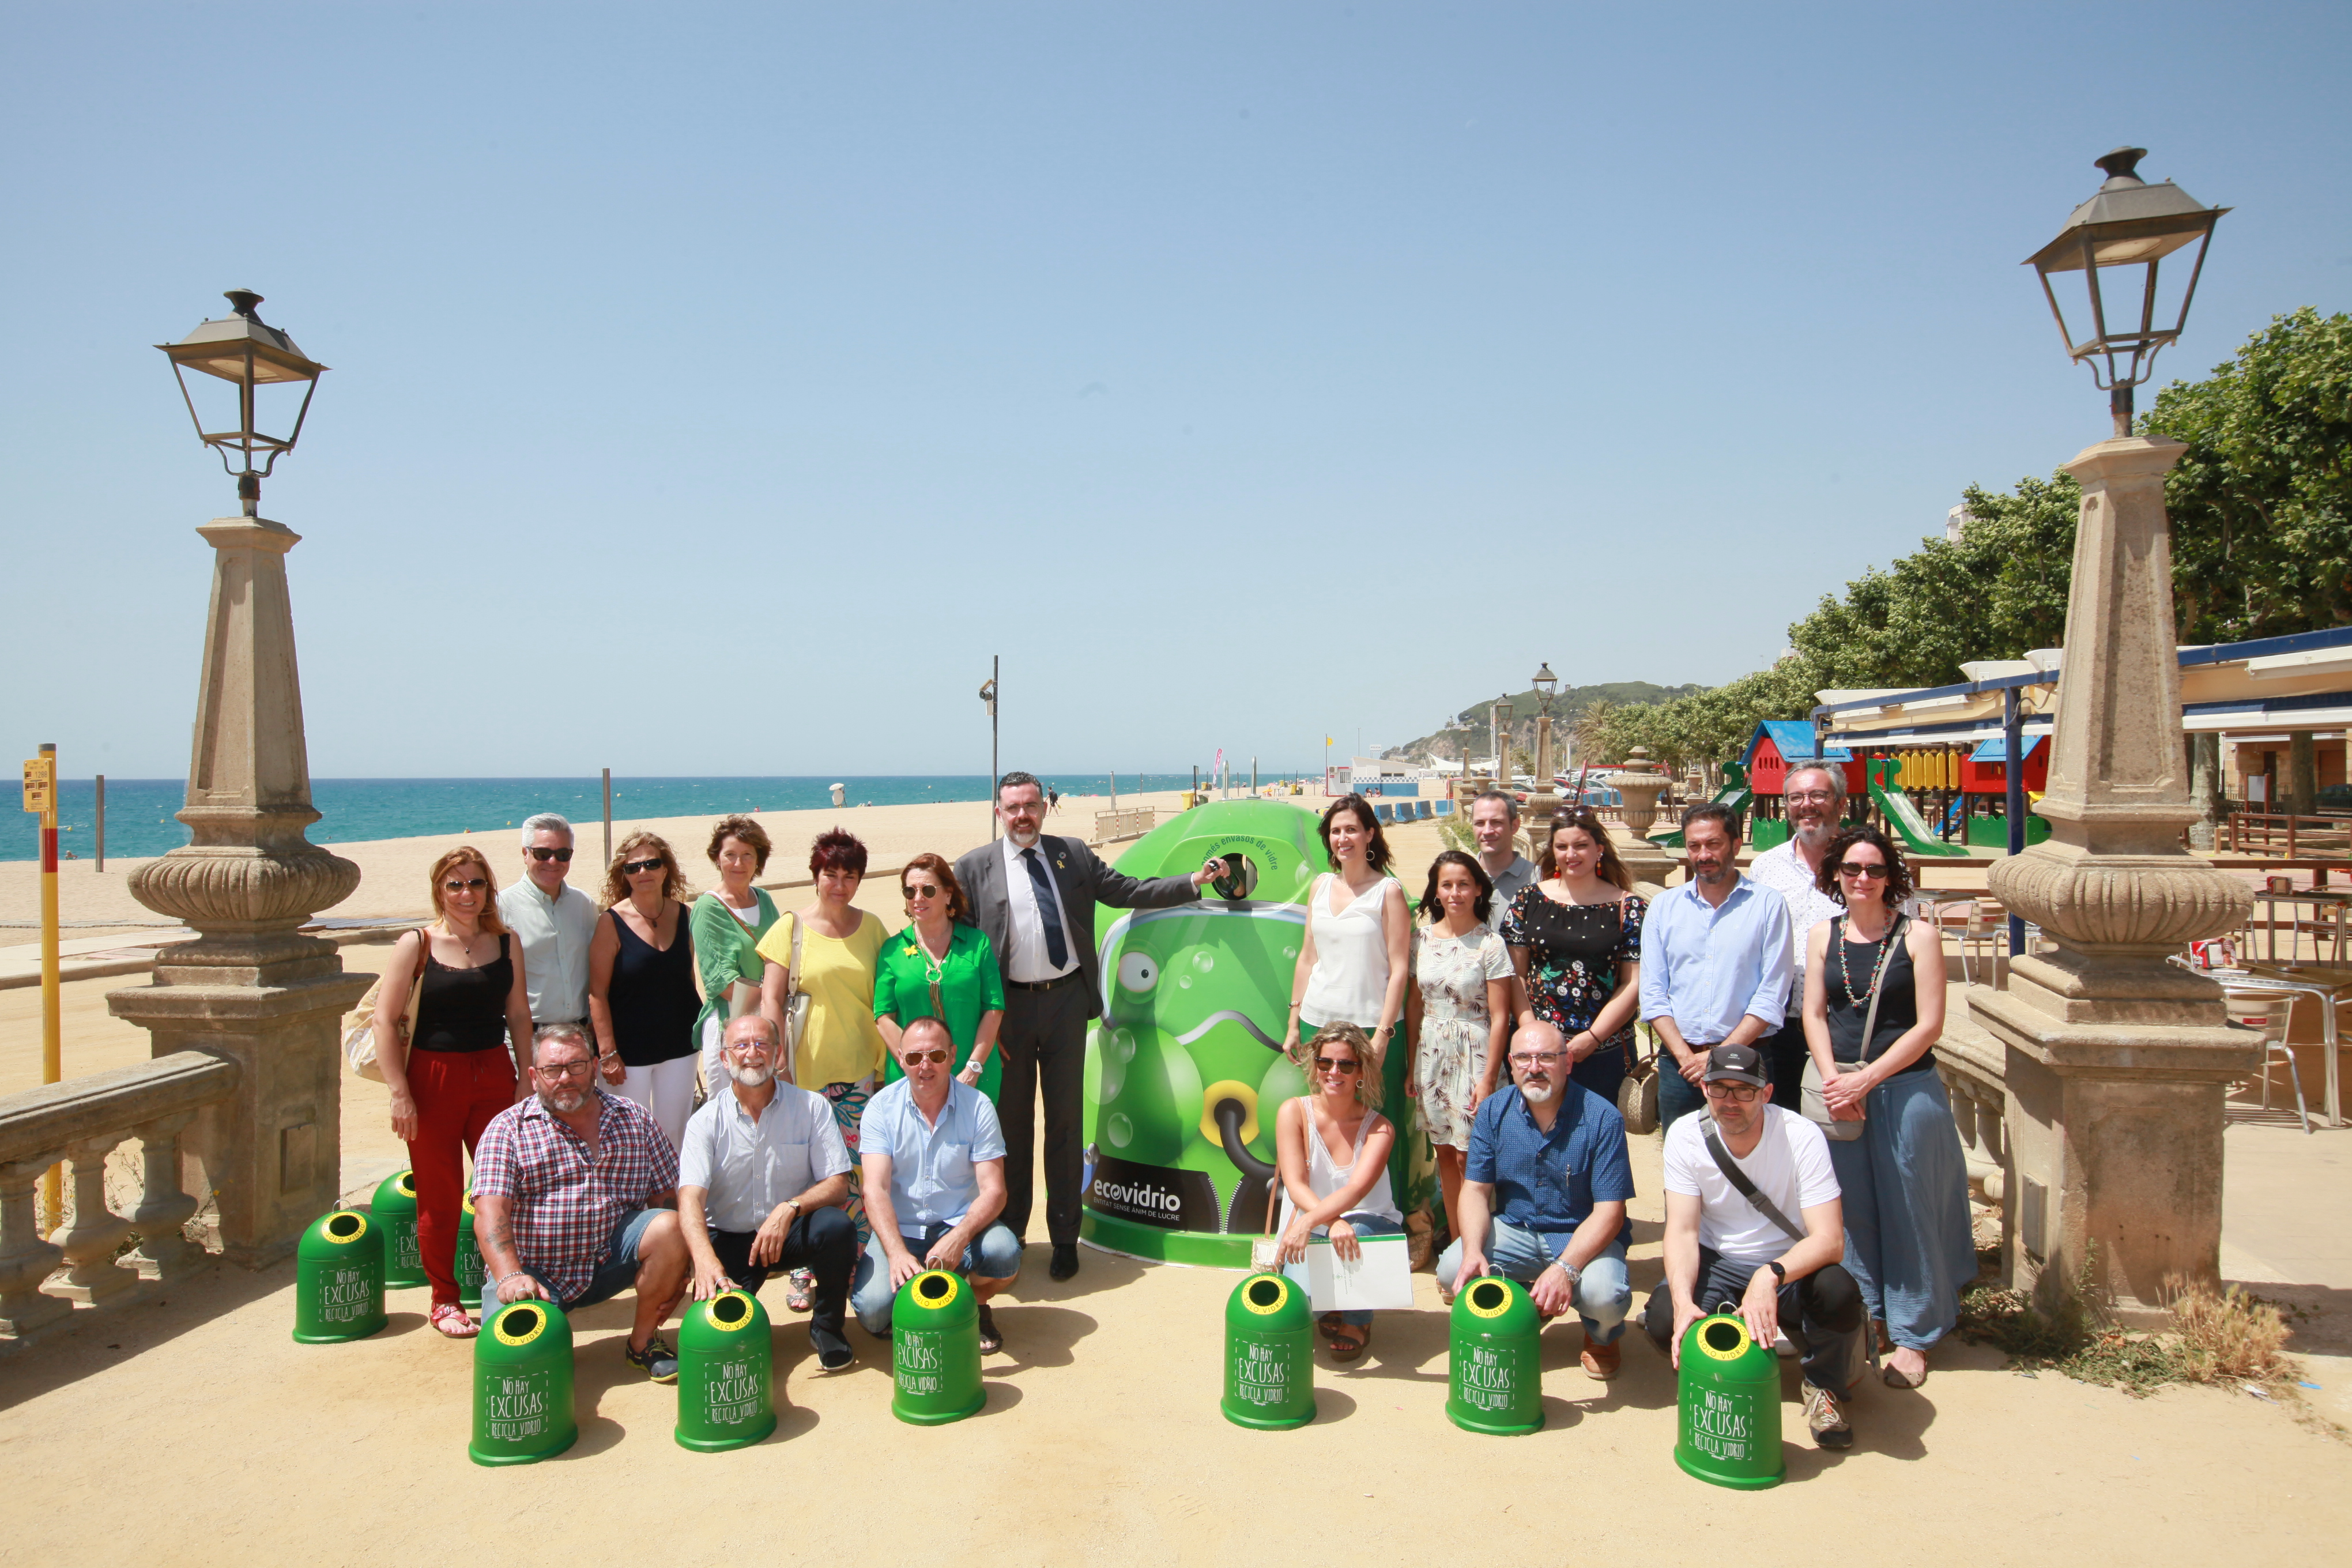 Roses s'adhereix al Moviment Banderes Verdes per millorar el reciclatge d'envasos de vidre